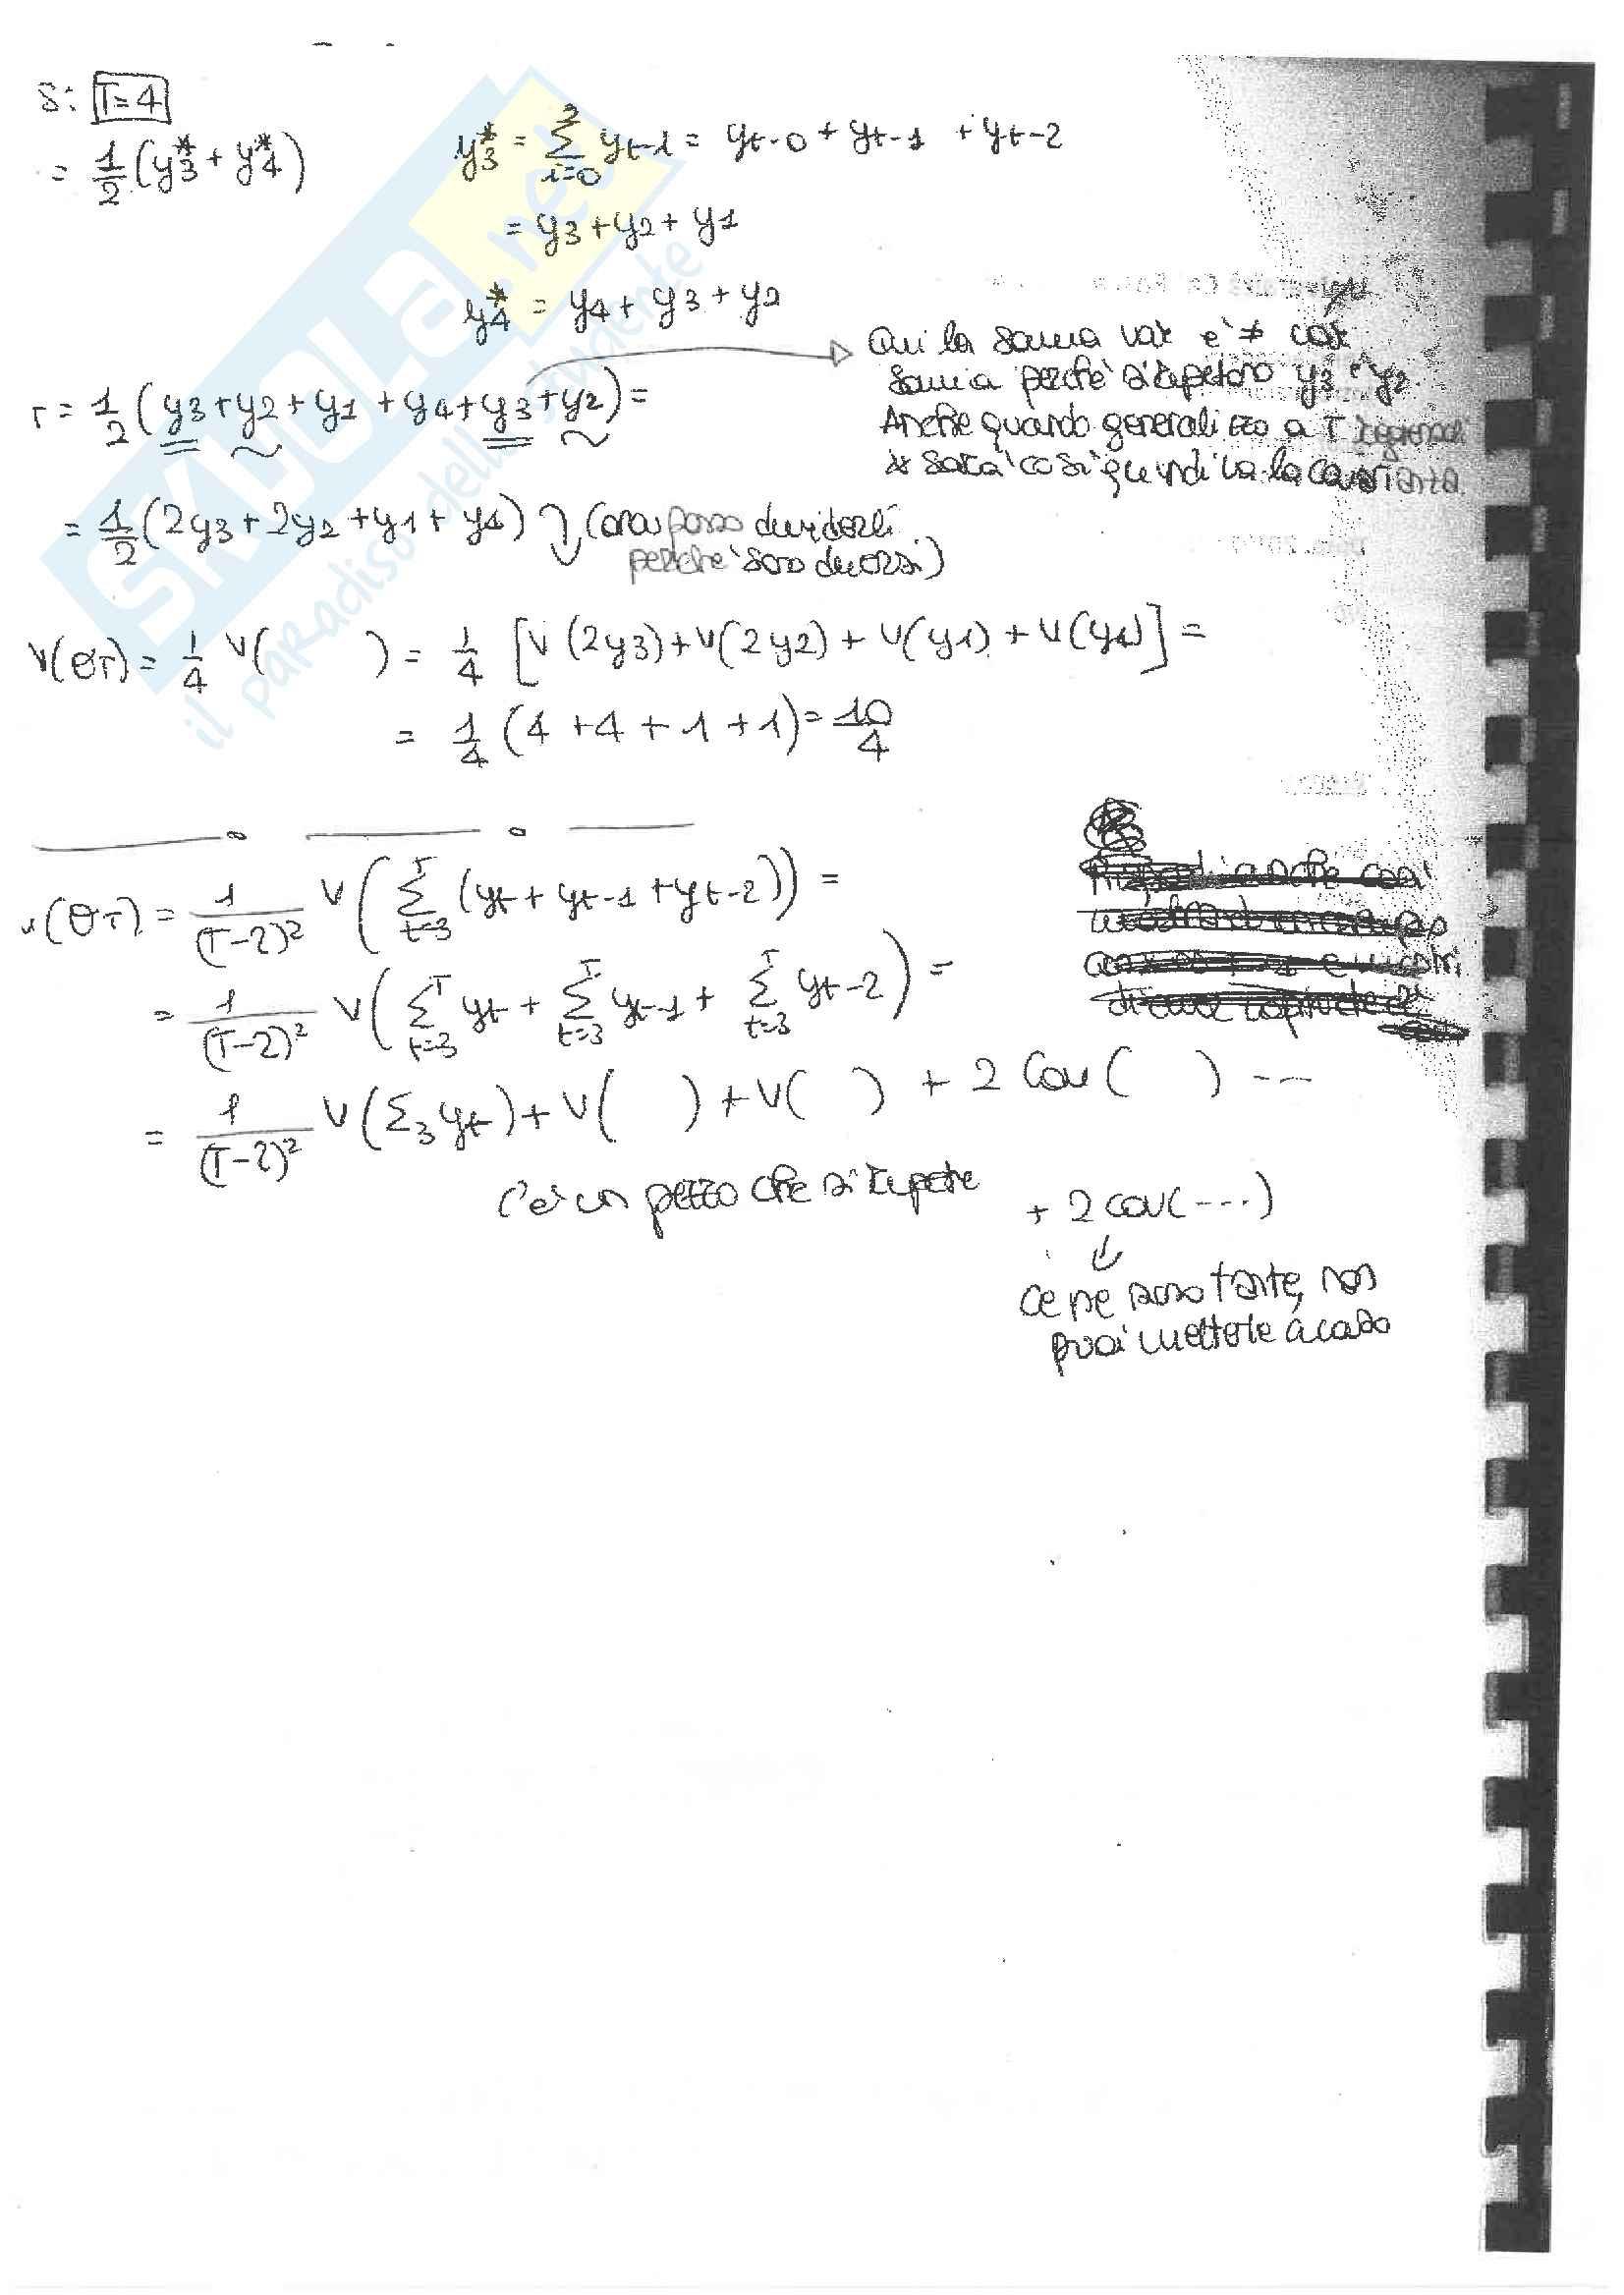 Esami di econometria con soluzione, prof. Casarin Pag. 6